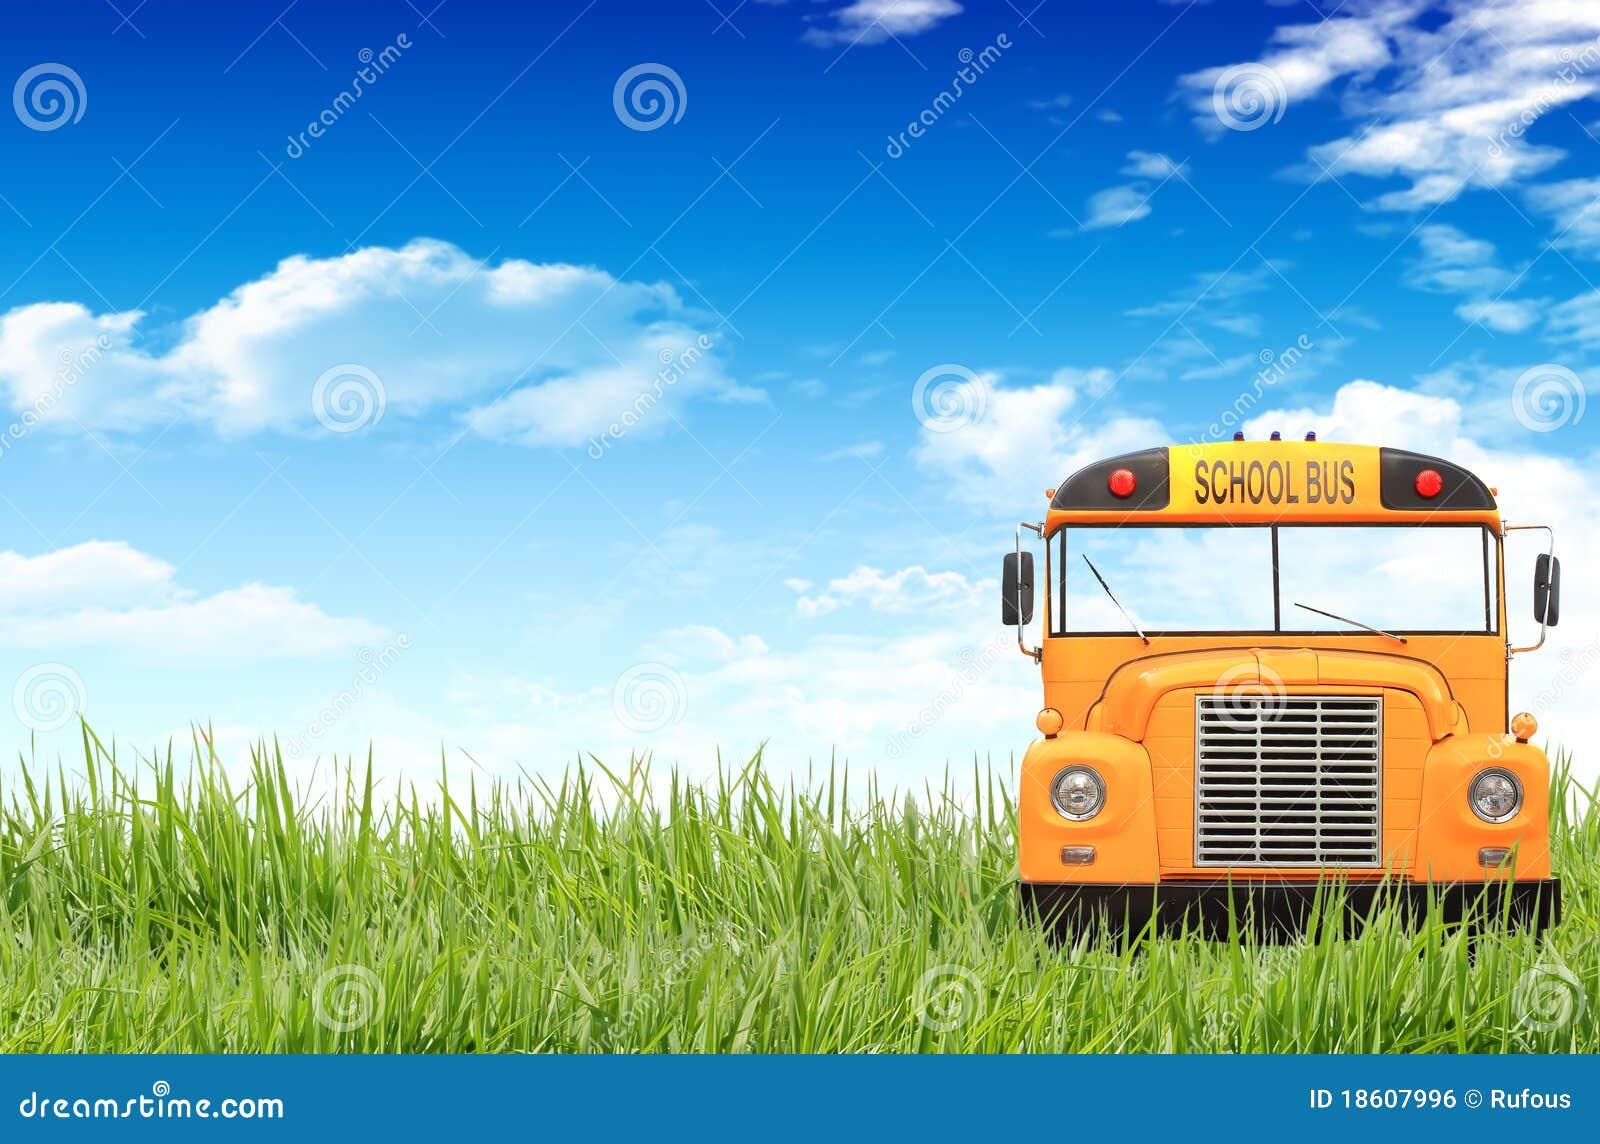 Hierba verde, cielo azul y el autobús escolar